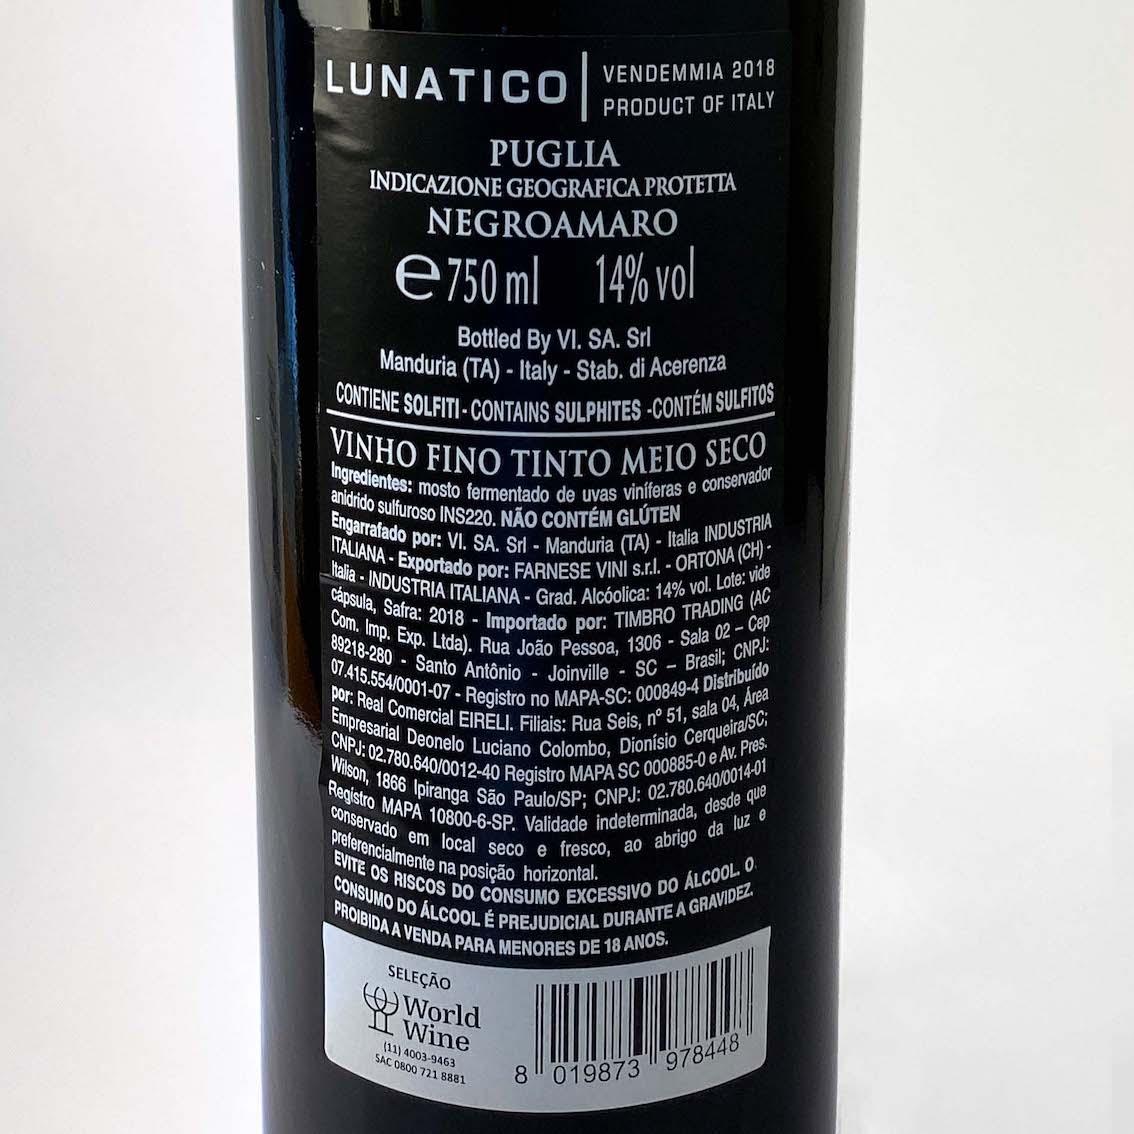 Lunatico Negroamaro Puglia IGP  - Vinerize